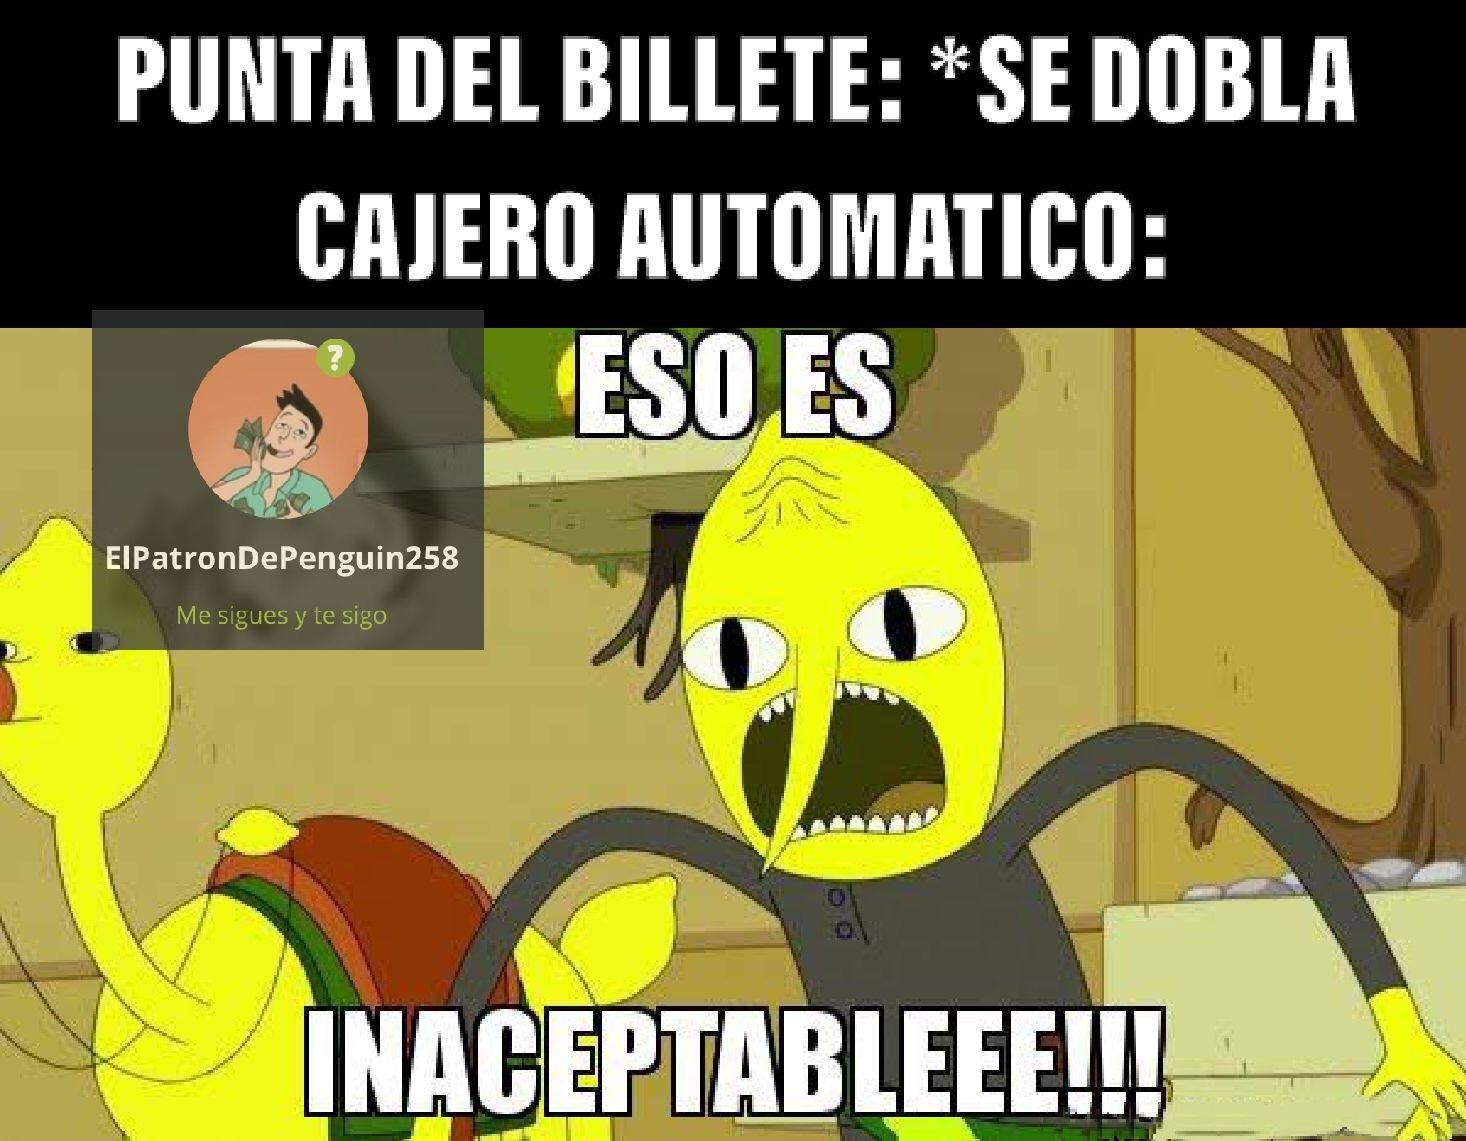 Top Memes De Hashtag Que Buena Calidad En Español Memedroid